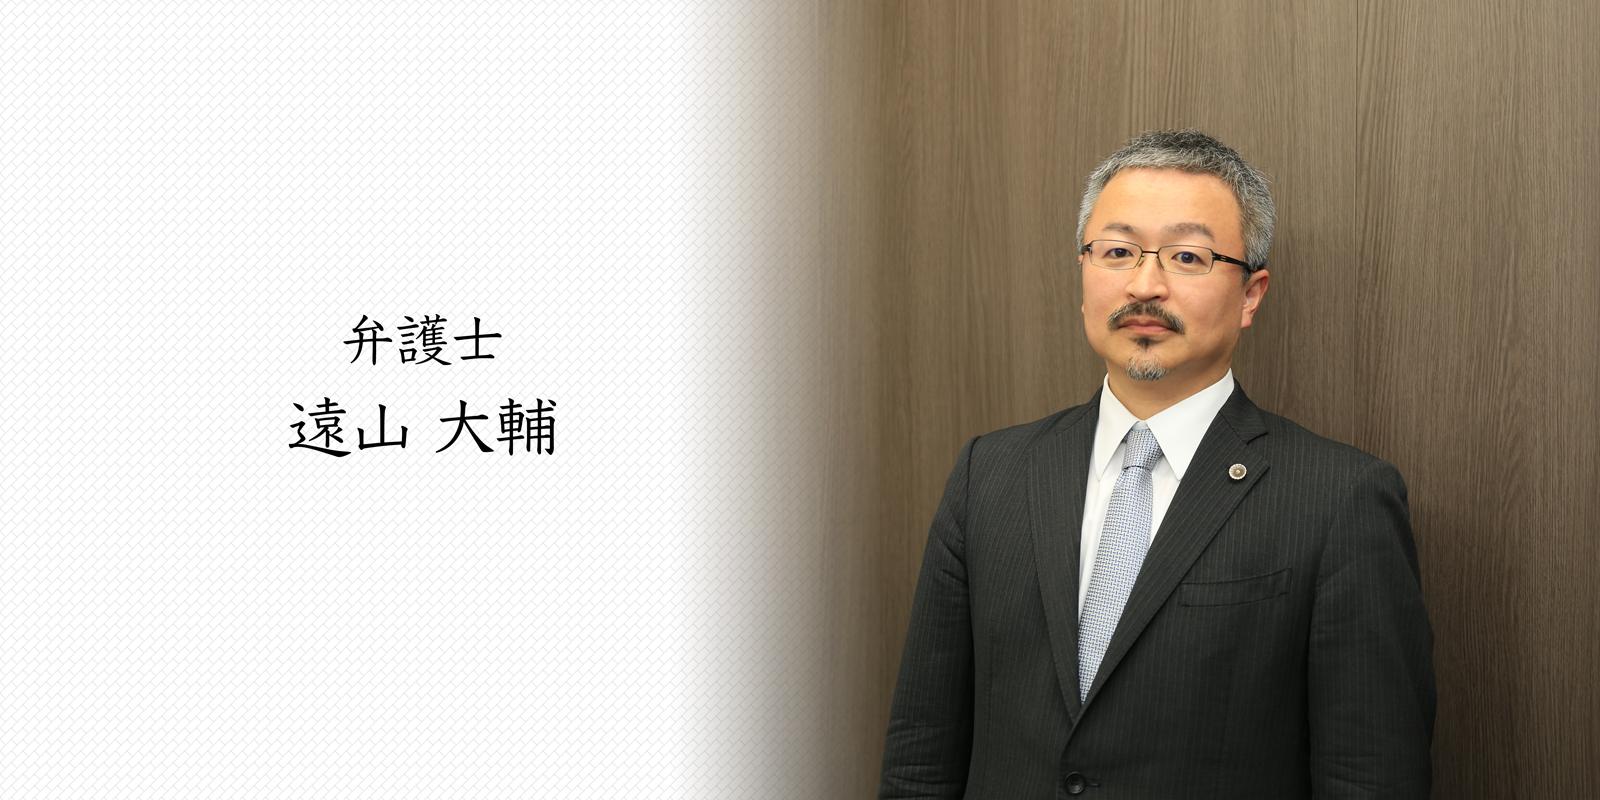 弁護士 遠山大輔